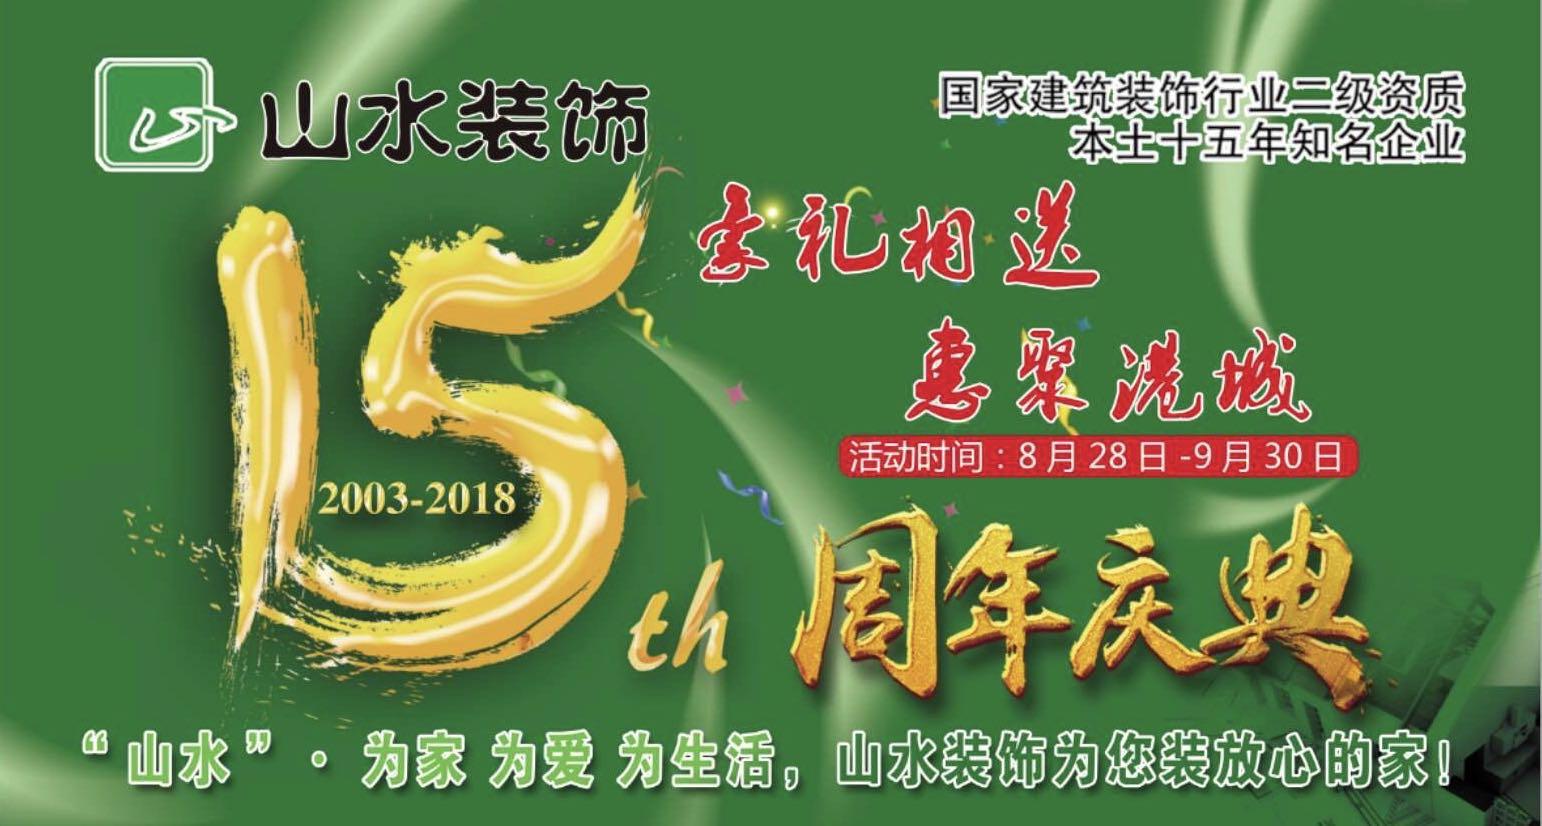 山水装饰15周年庆9月钜惠港城 震撼来袭